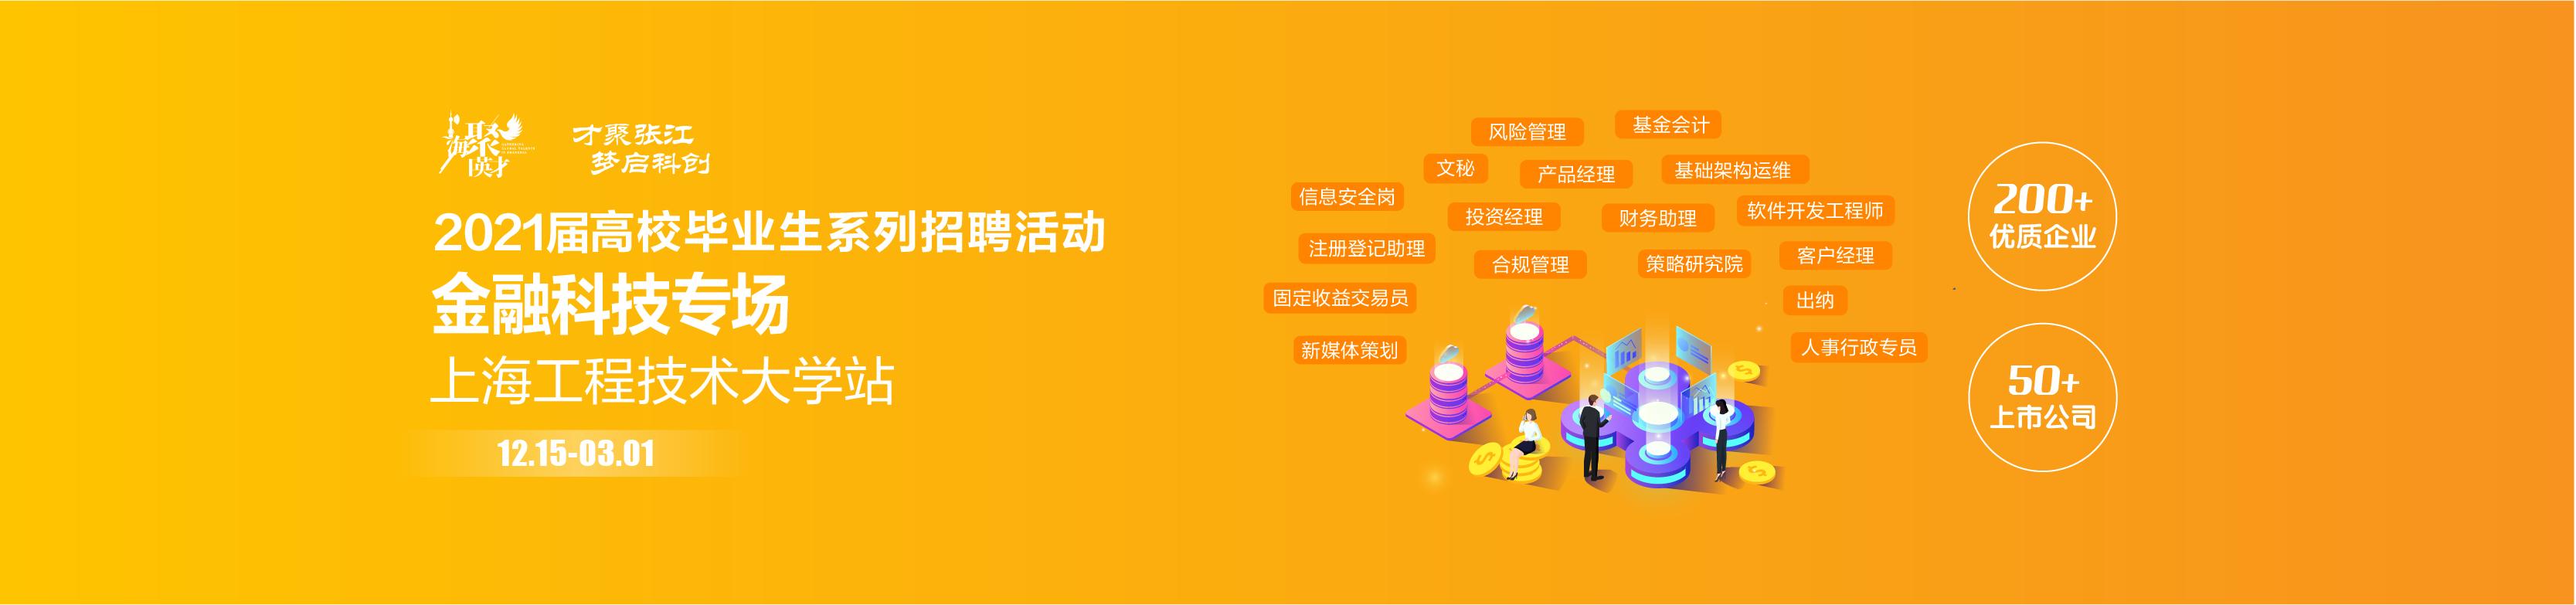 上海工程技术大学2021届毕业生招聘会金融科技专场